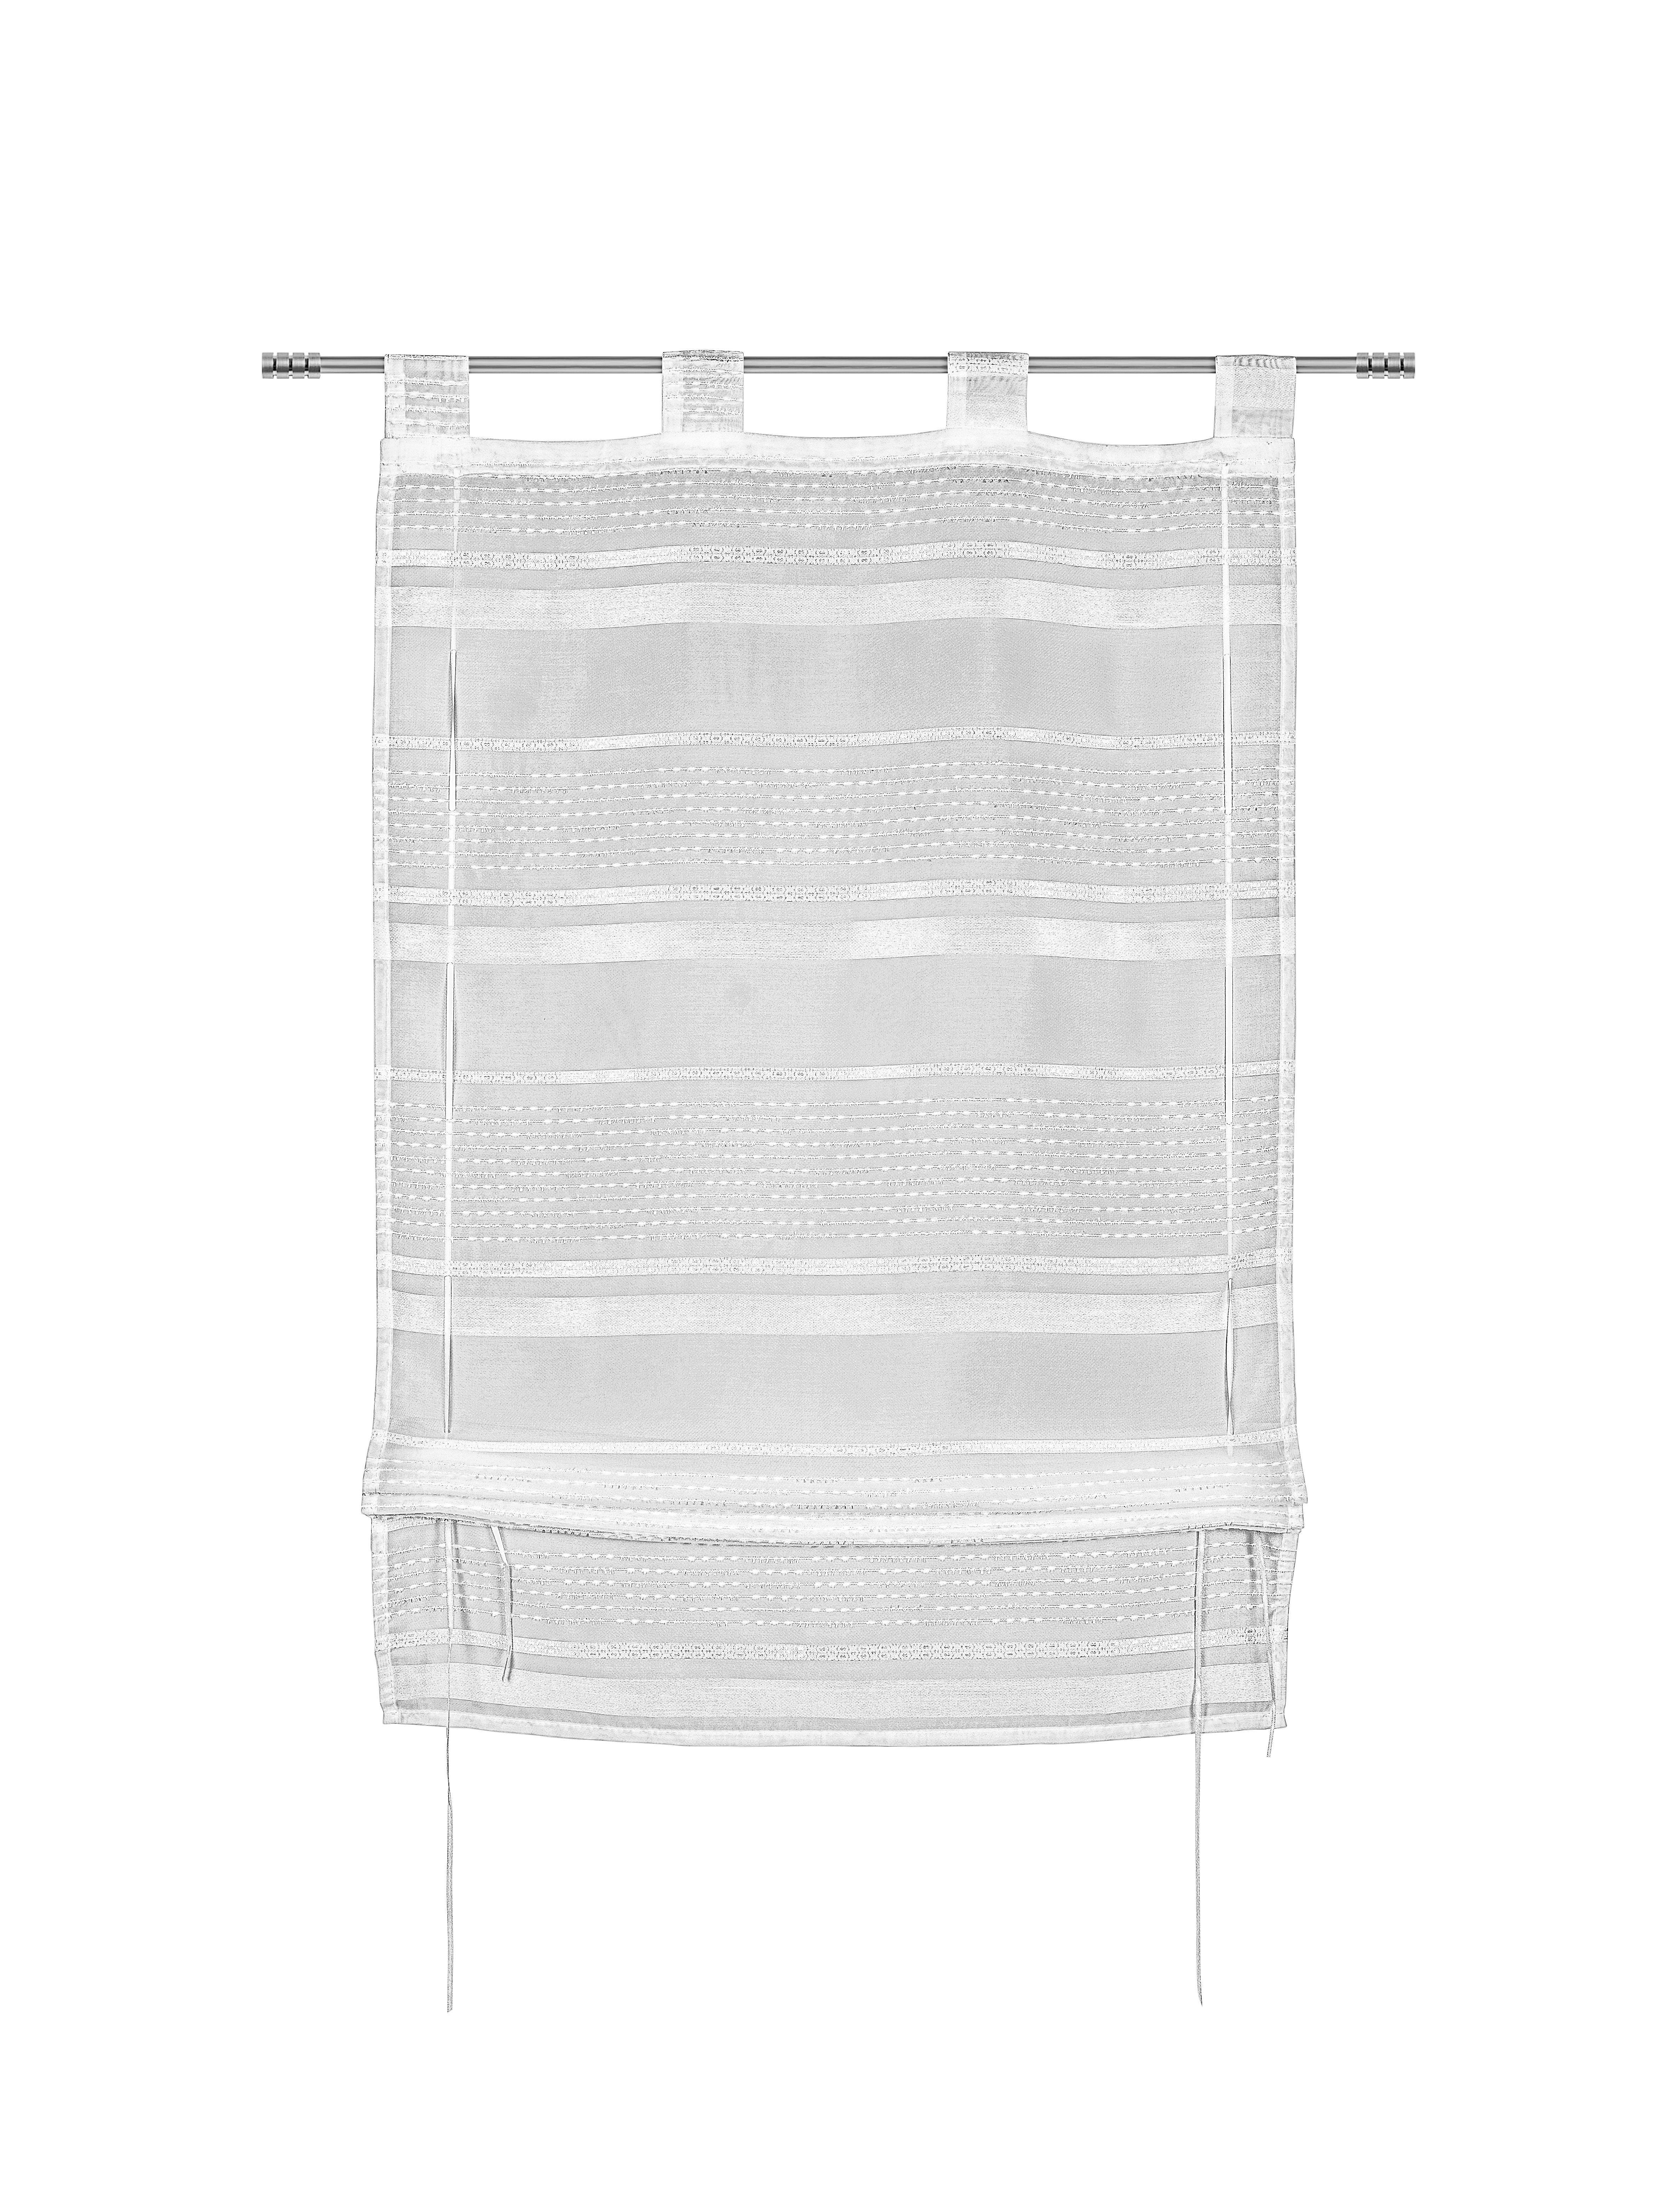 Bändchenrollo Adele in Weiß, ca. 100x140cm - Weiß, KONVENTIONELL, Textil (100/140cm) - MÖMAX modern living